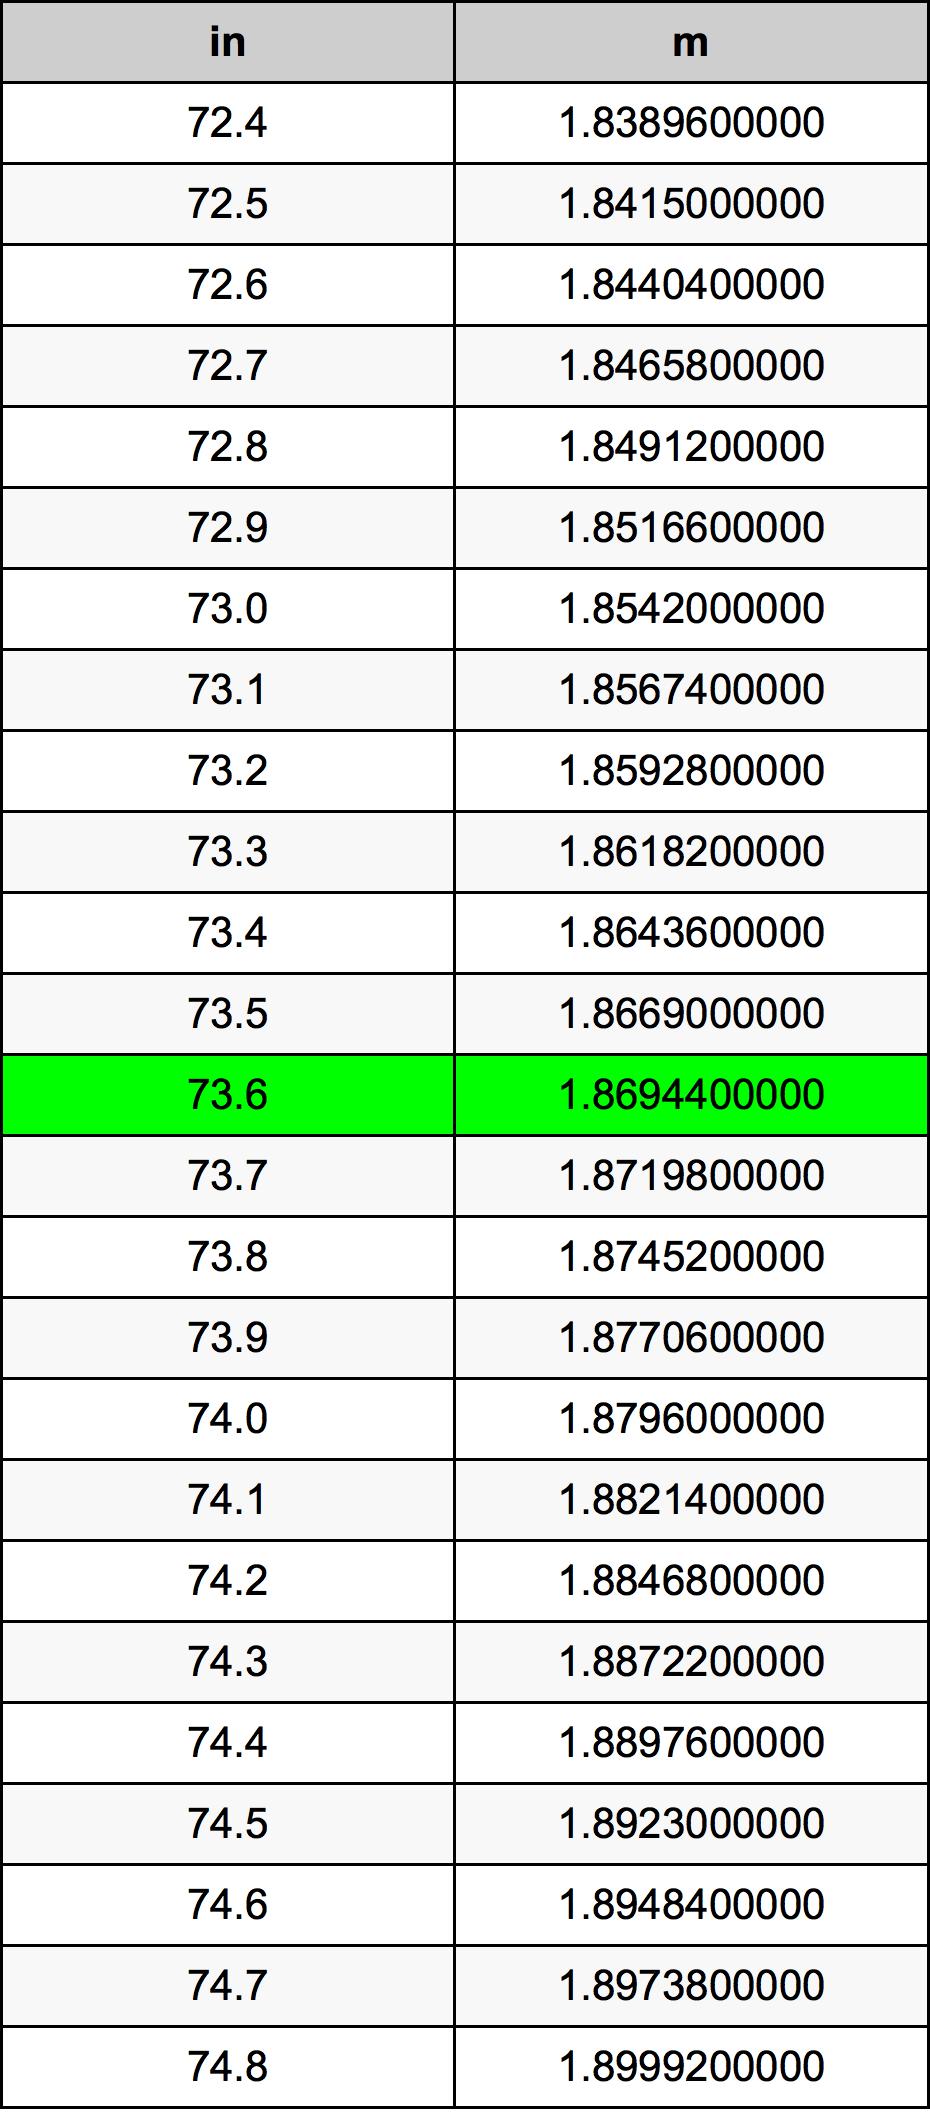 73.6 Polegada tabela de conversão